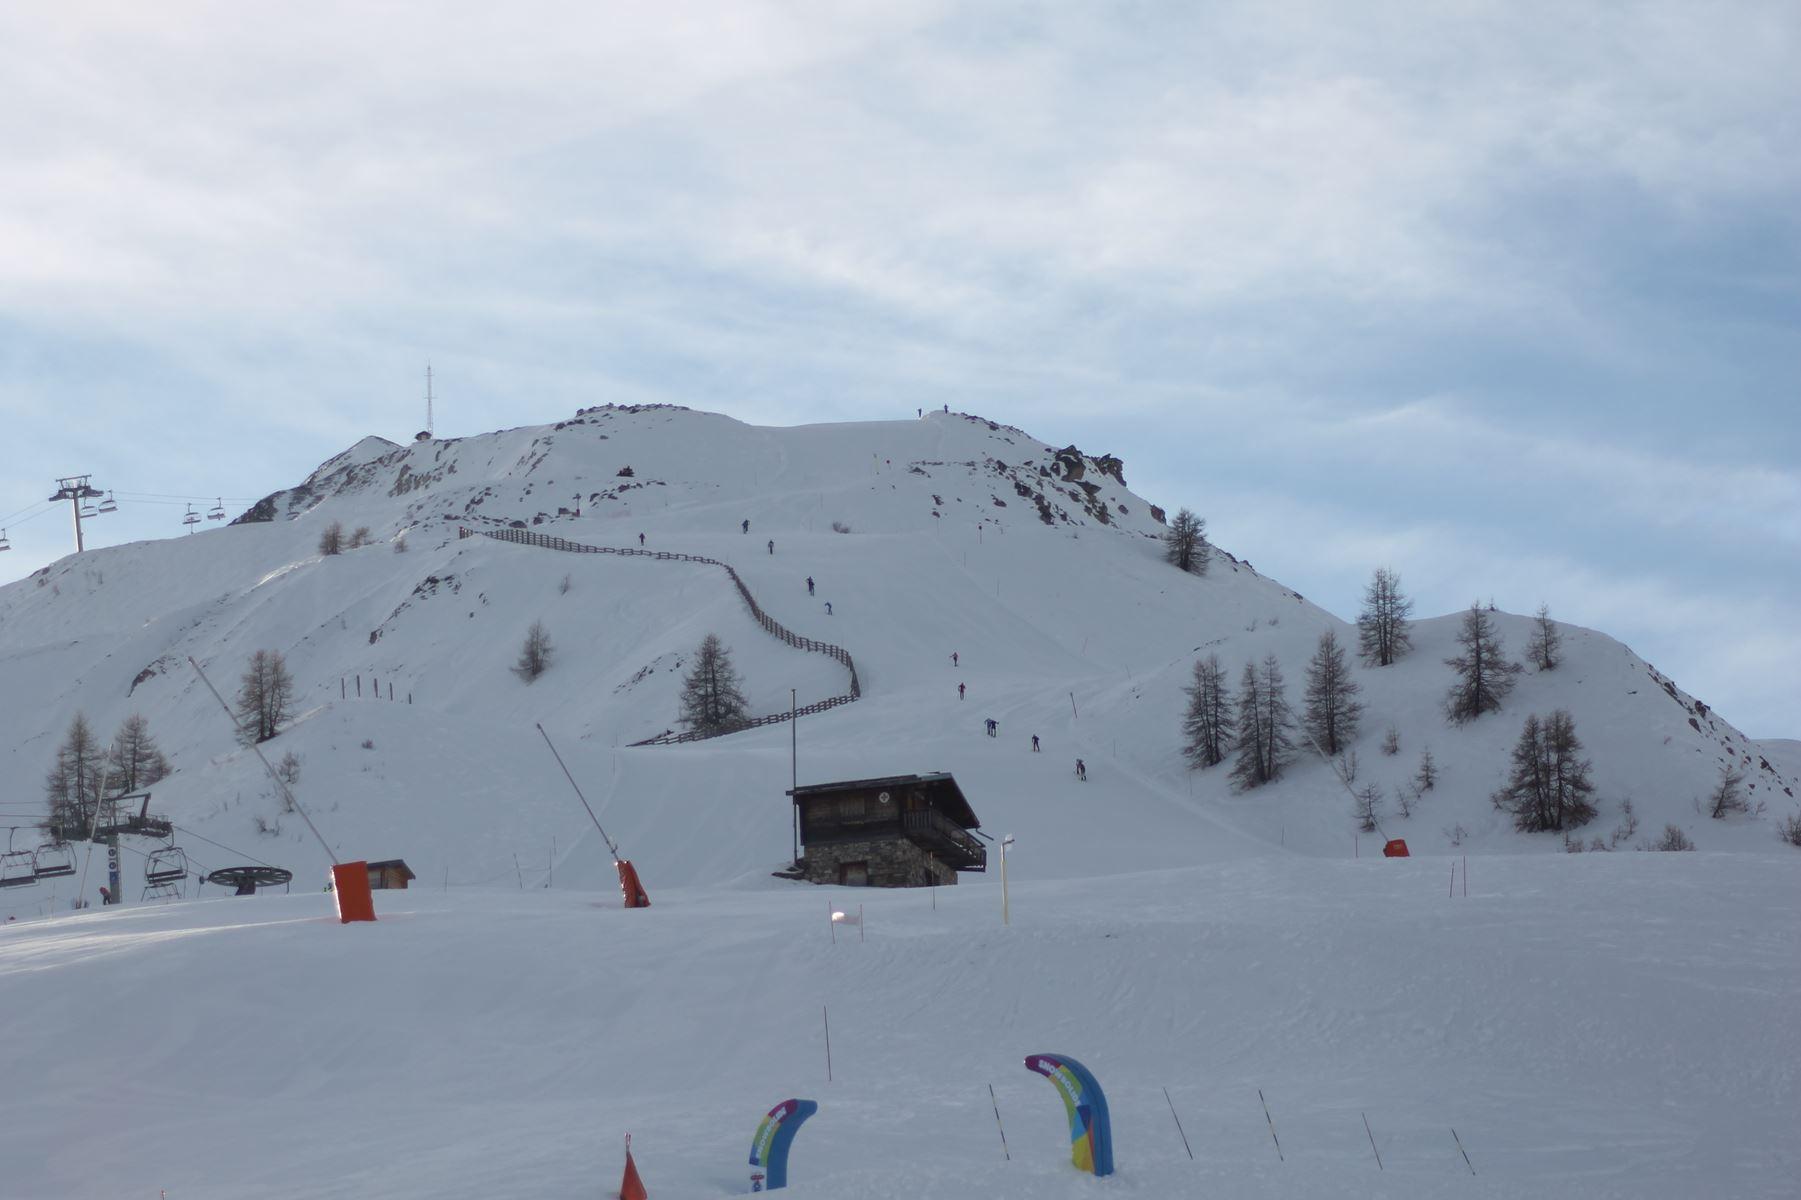 Fin de course au sommet - Résultats de la 3ème édition du Valloire Dynafit Vertical (ski alpi) 04/01/2020